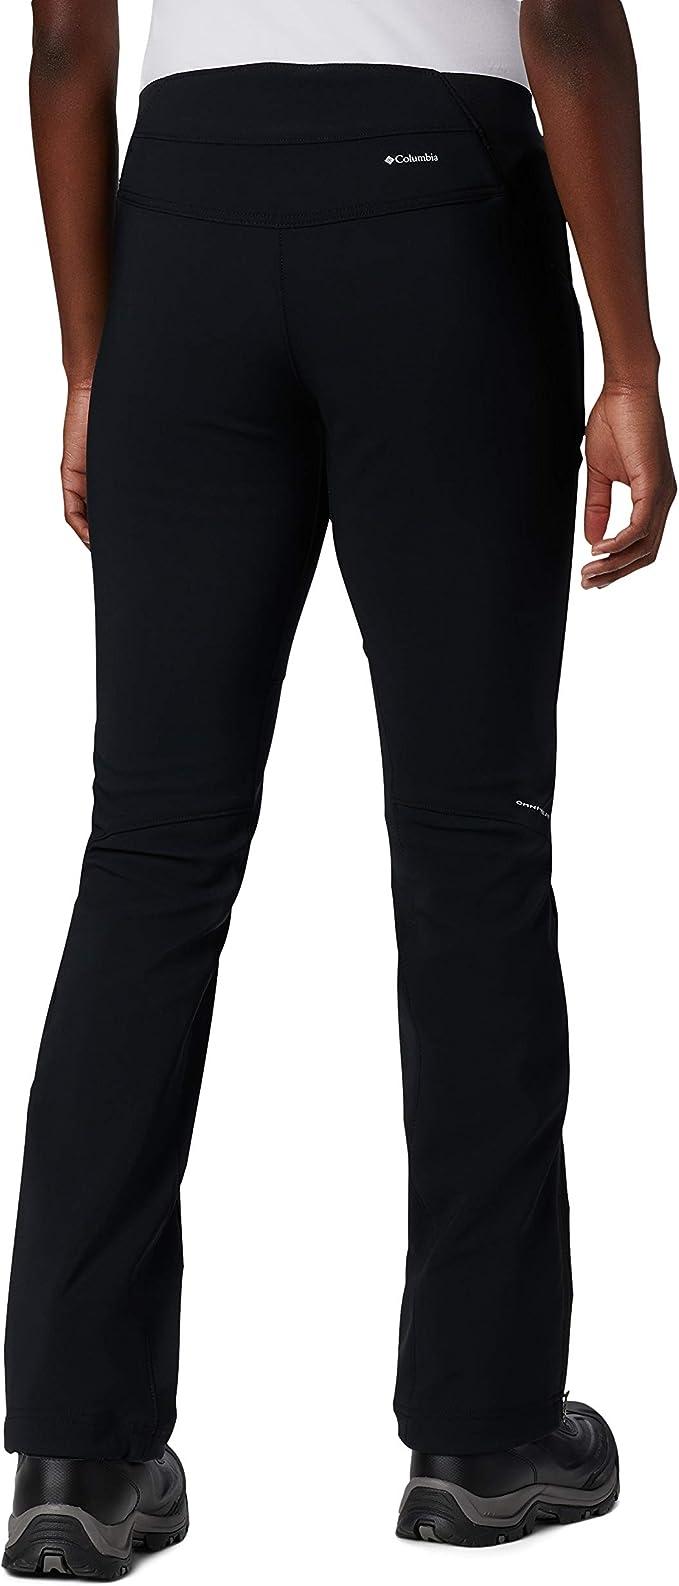 Columbia Femme Pantalon de Randonnée, Back Beauty Passo Alto Heat Pant, Polyester, 1412331